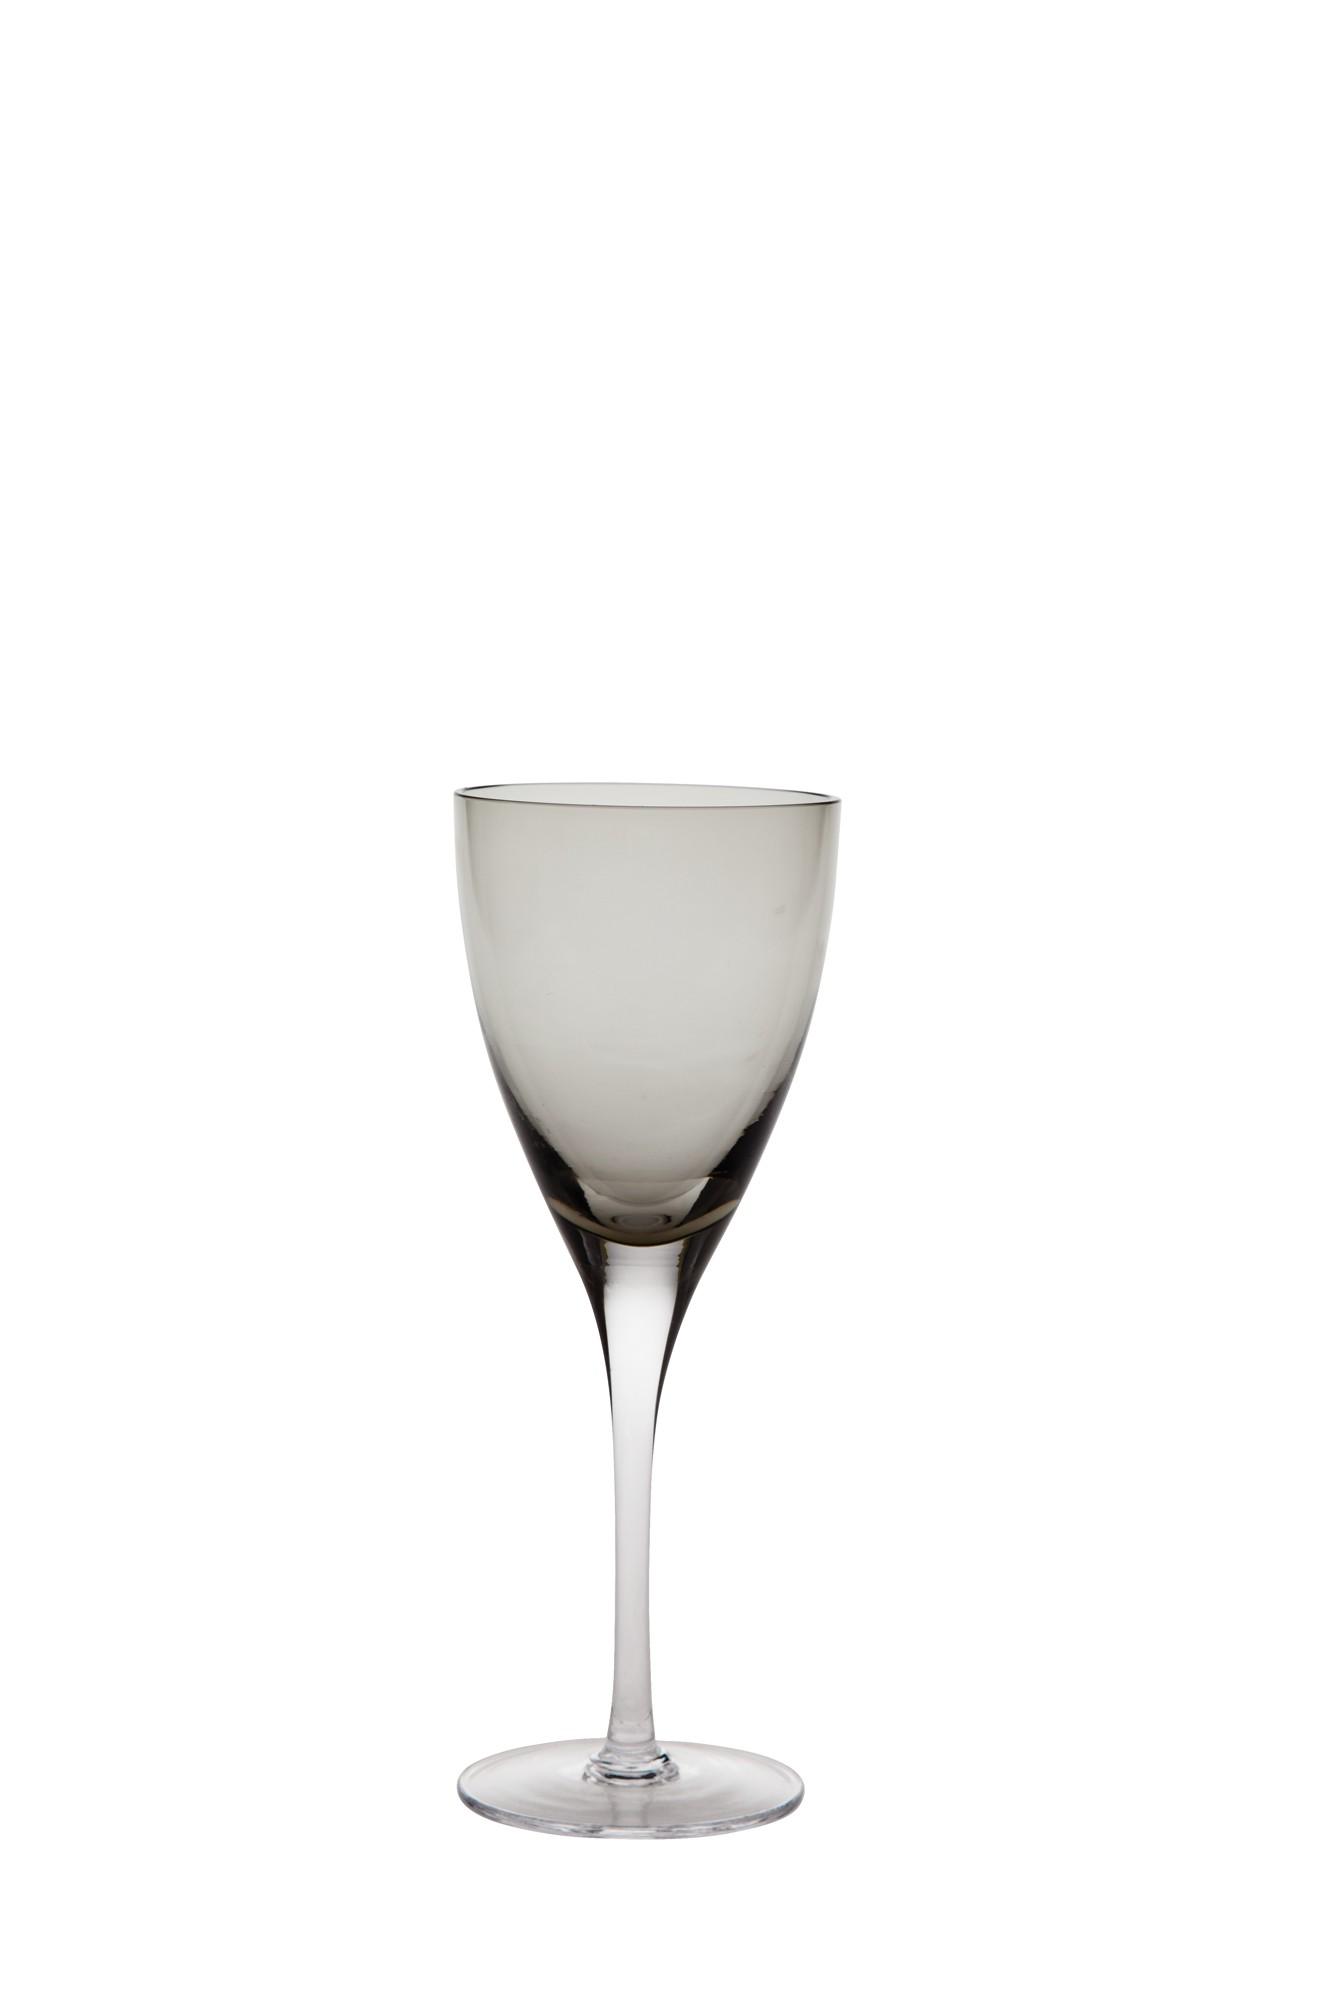 Ποτήρι Κρασιού Paradise Σετ 6Τμχ Smoke 190ml Ionia home   ειδη σερβιρισματος   ποτήρια